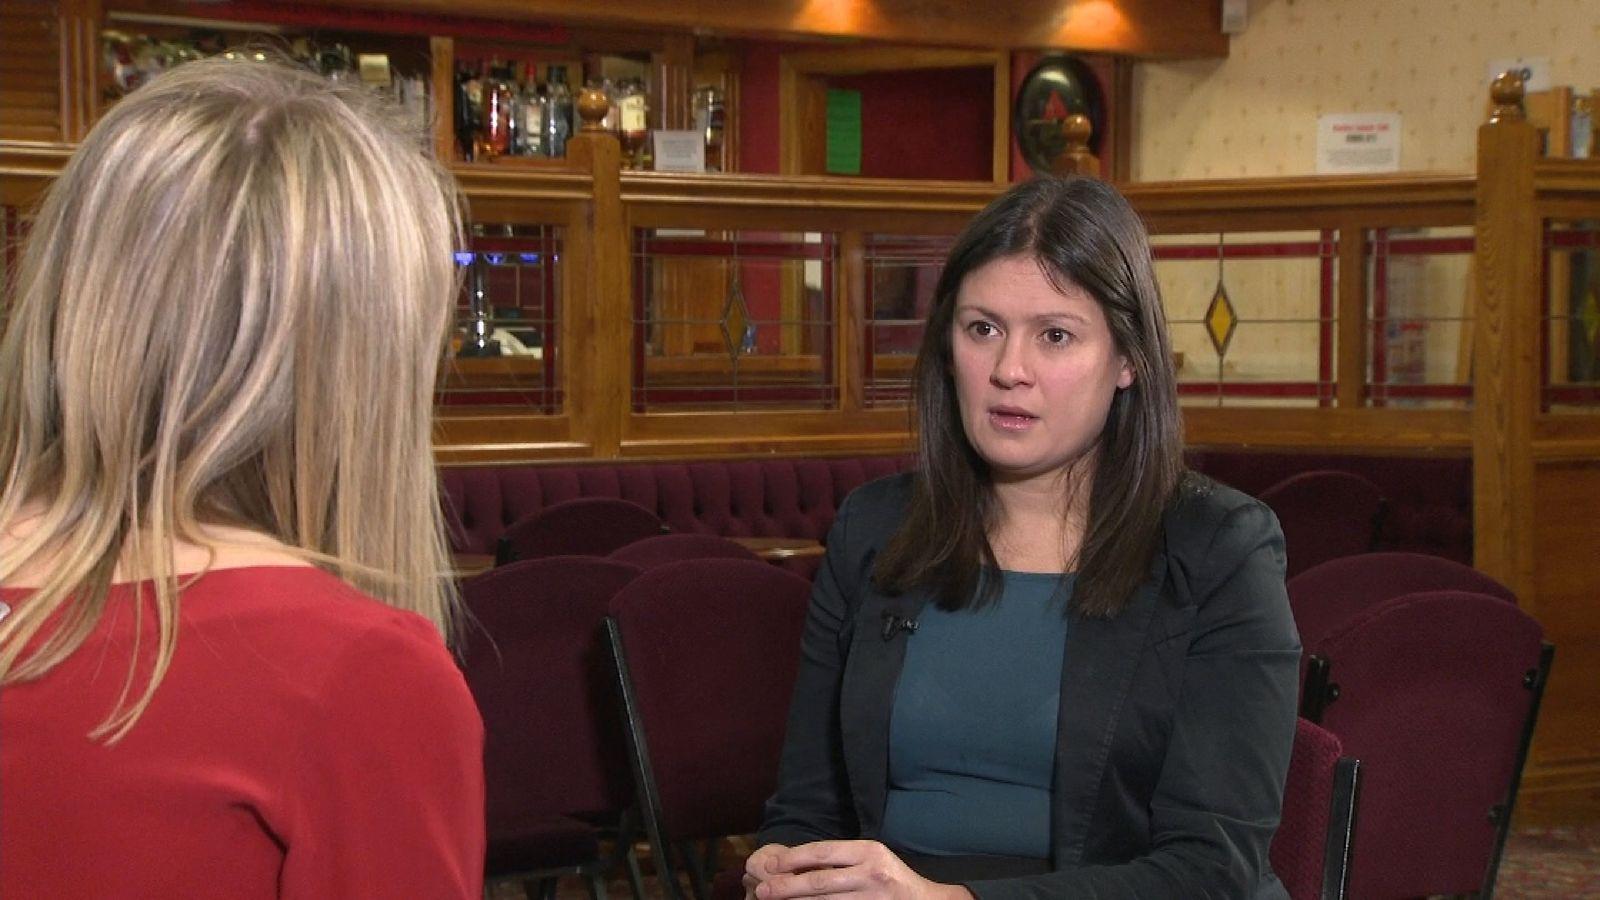 Labour MP Lisa Nandy